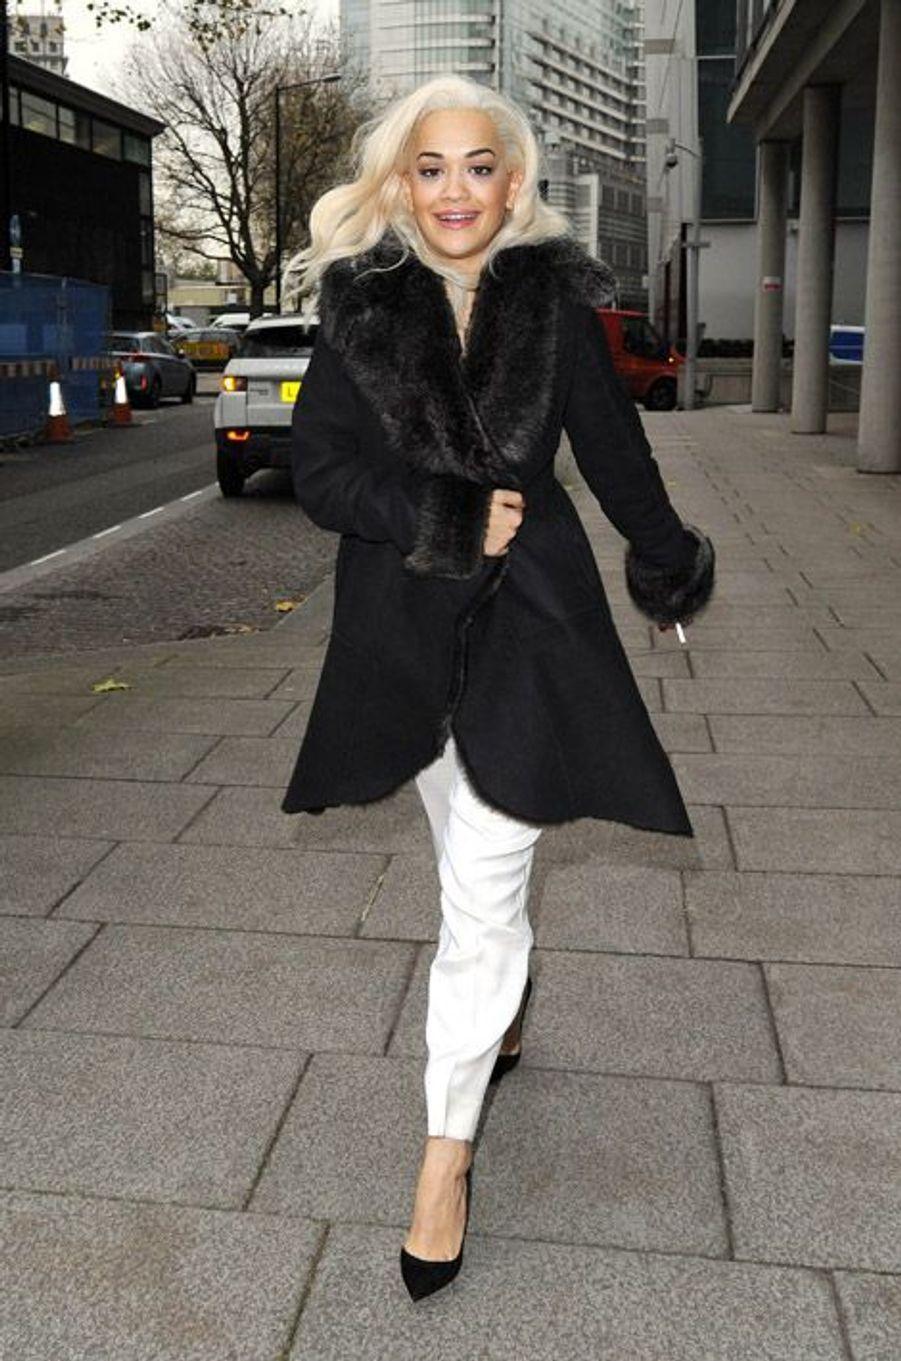 La chanteuse britannique Rita Ora,le 3 décembre 2013